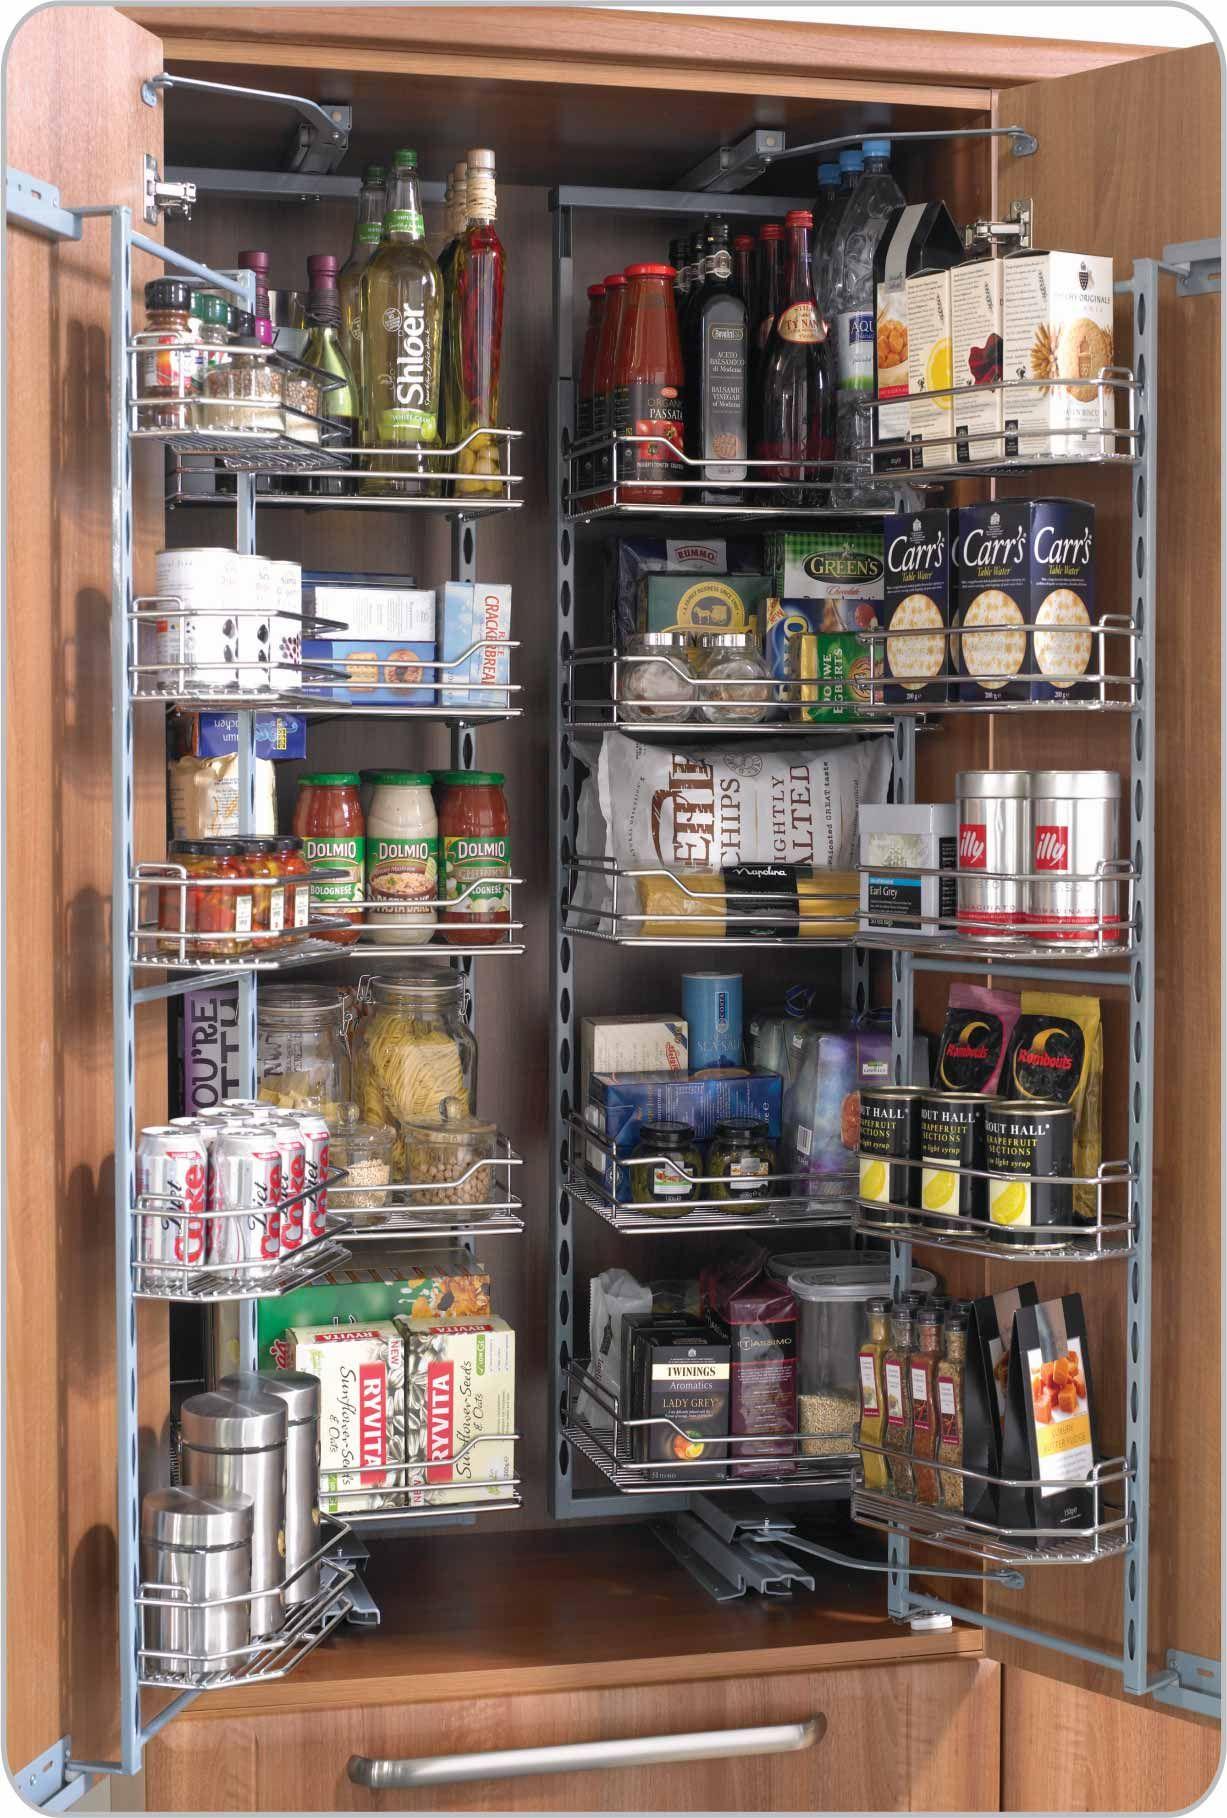 Herrajes sorano para cocinas y closet despensas torre for Alacenas para cocina